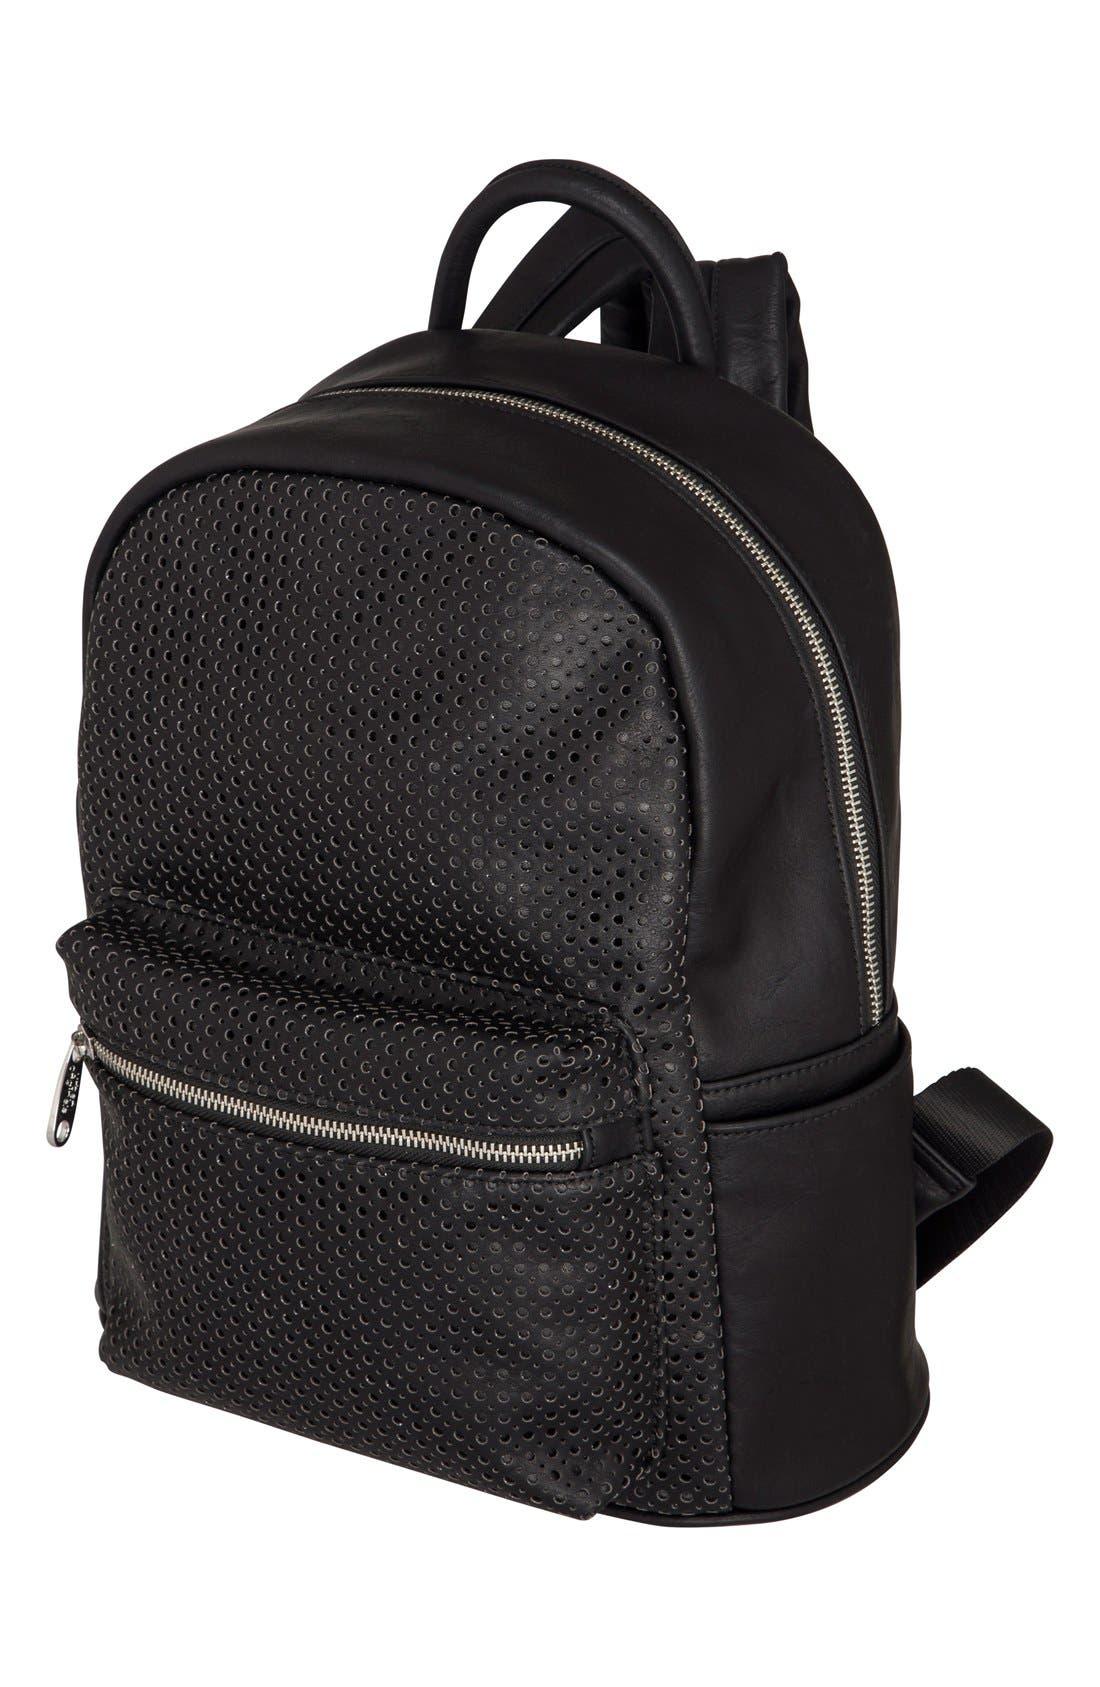 Alternate Image 2  - Urban Originals 'Lola' Perforated Backpack